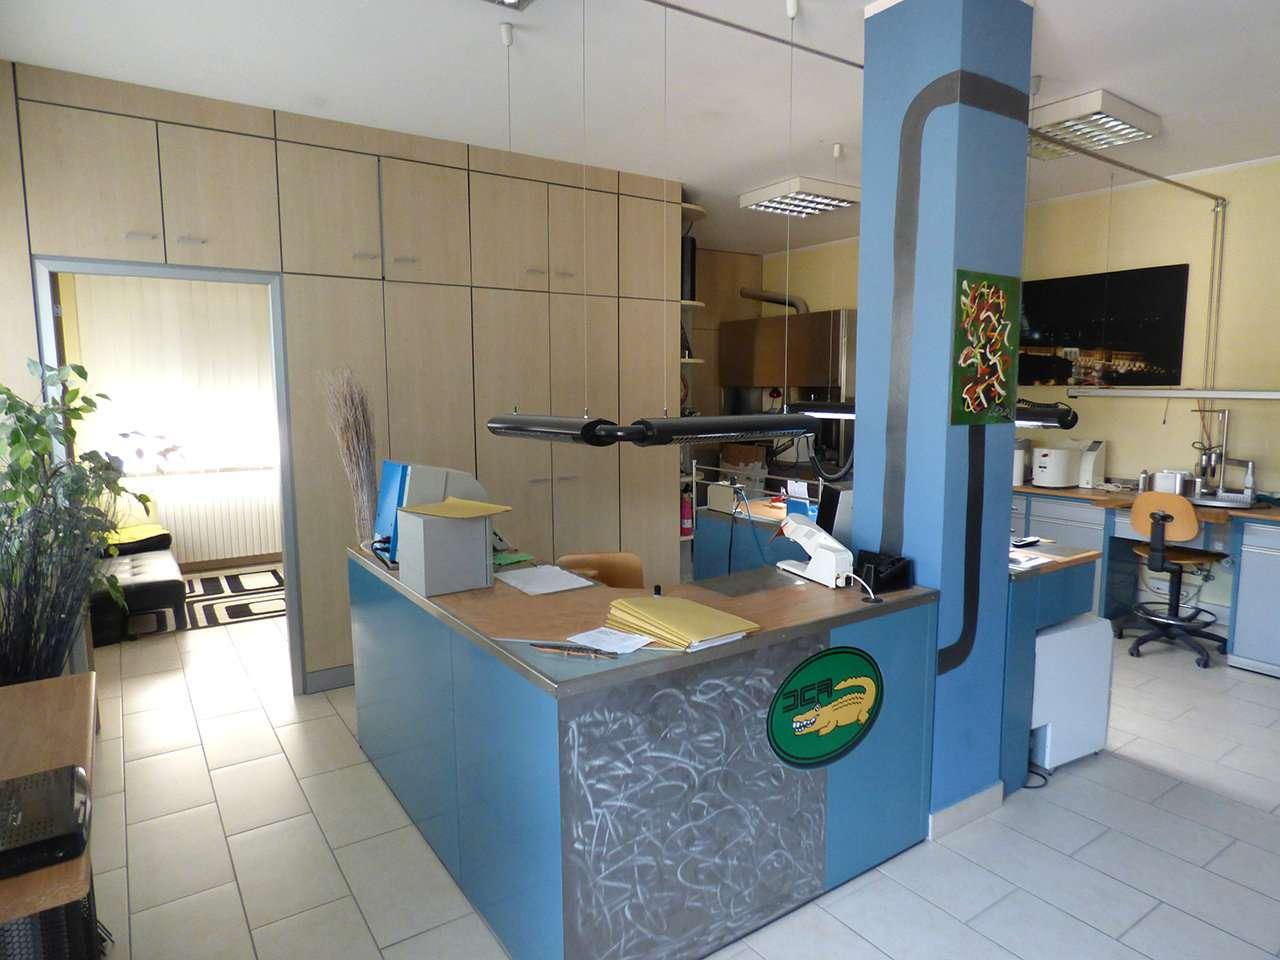 Ufficio in affitto Zona Barriera Milano, Falchera, Barca-Be... - piazza Derna 250/12 Torino